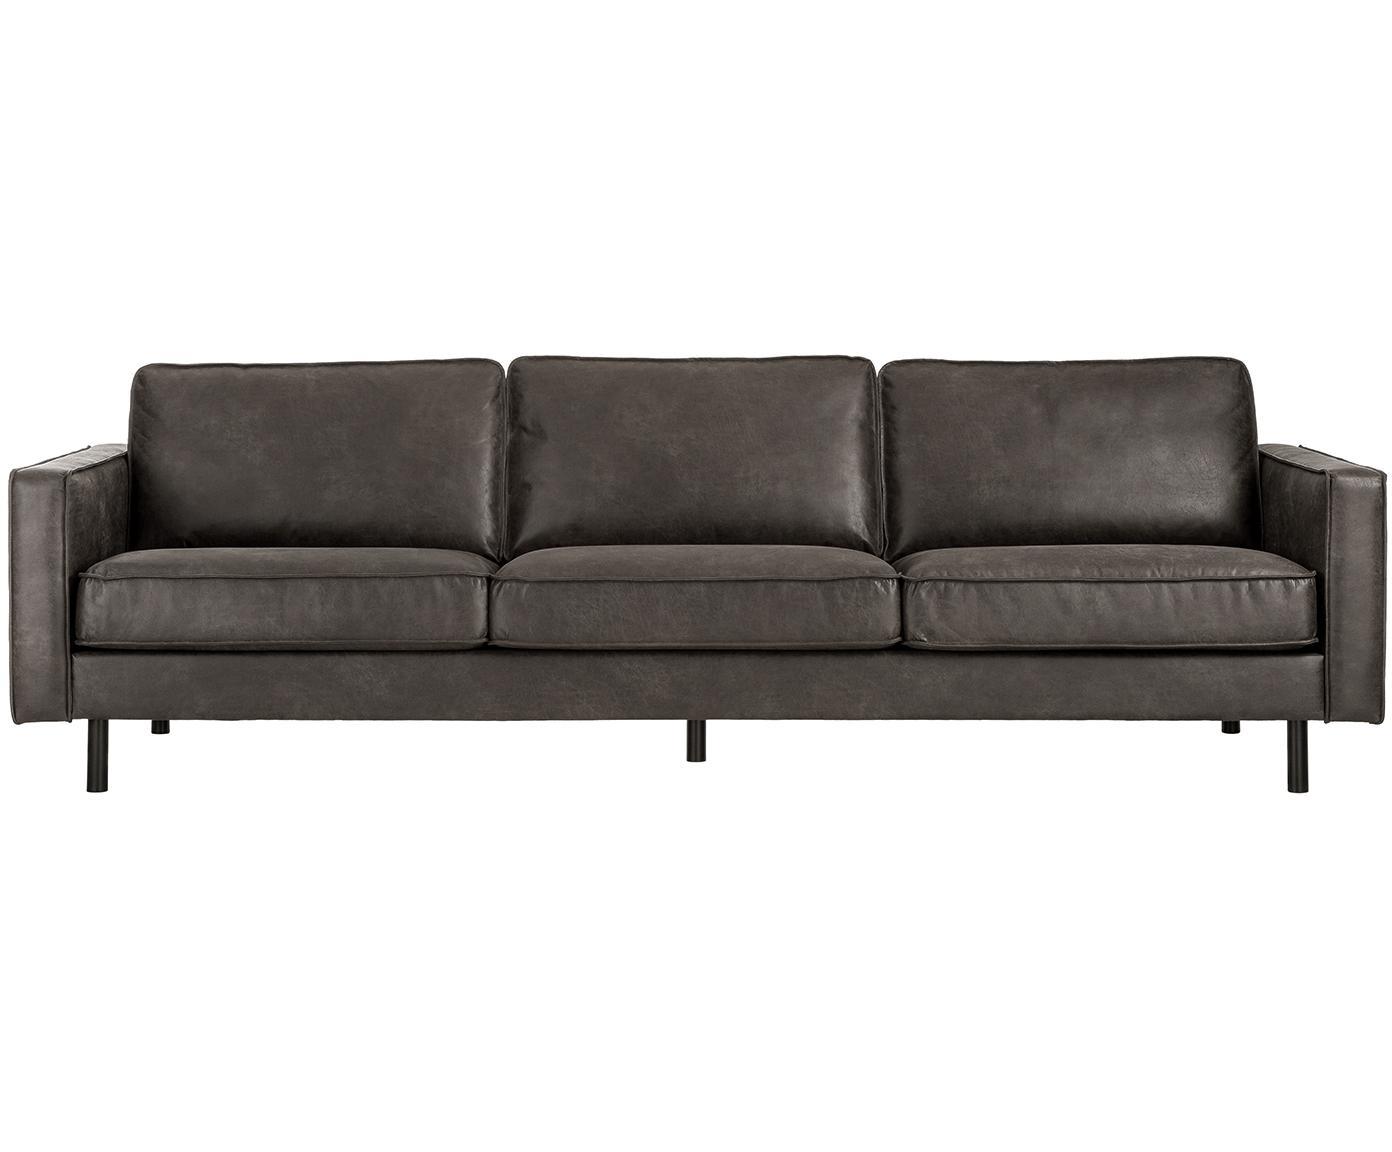 Leder-Sofa Hunter (4-Sitzer), Bezug: 70% recyceltes Leder, 30%, Gestell: Massives Birkenholz und h, Leder Braungrau, B 264 x T 90 cm